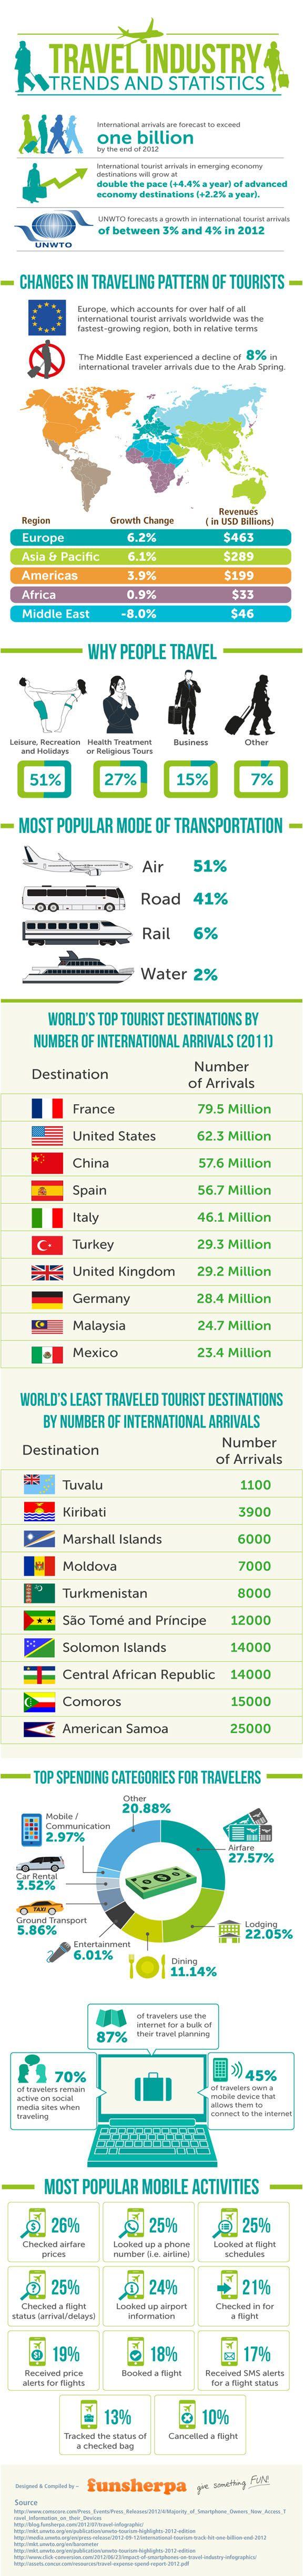 Infografikler her sektörden olabilir. Sadece sosyal medya dünyasına ait değiller, misal: Seyahat endüstrisi